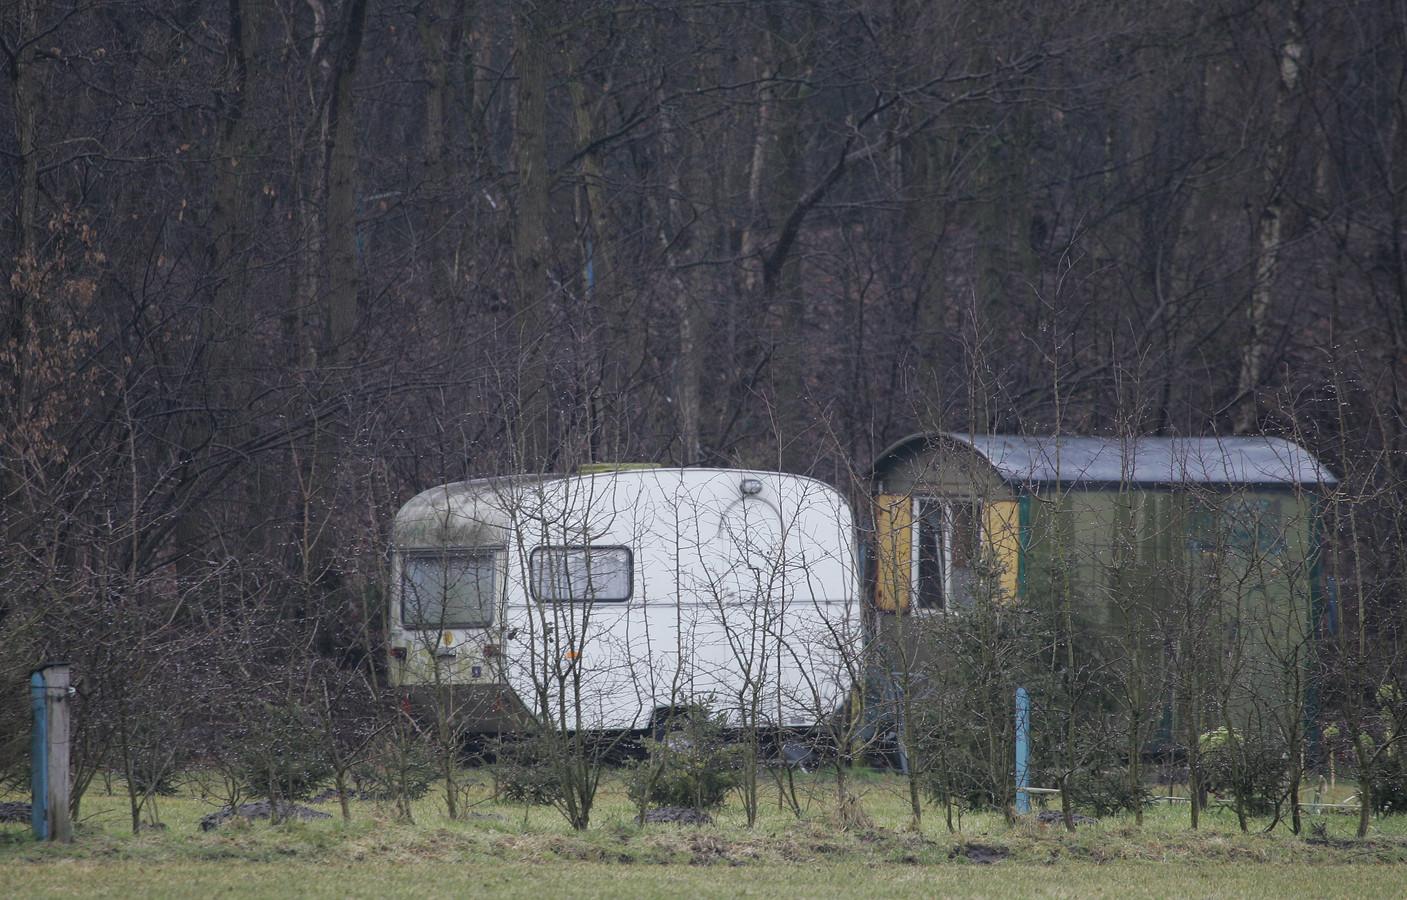 De Wijhese gebroeders Mosterd moesten eerder op last van de gemeente Raalte 'bouwwerken' op hun terrein aan de Twentseweg in Heino verwijderen.